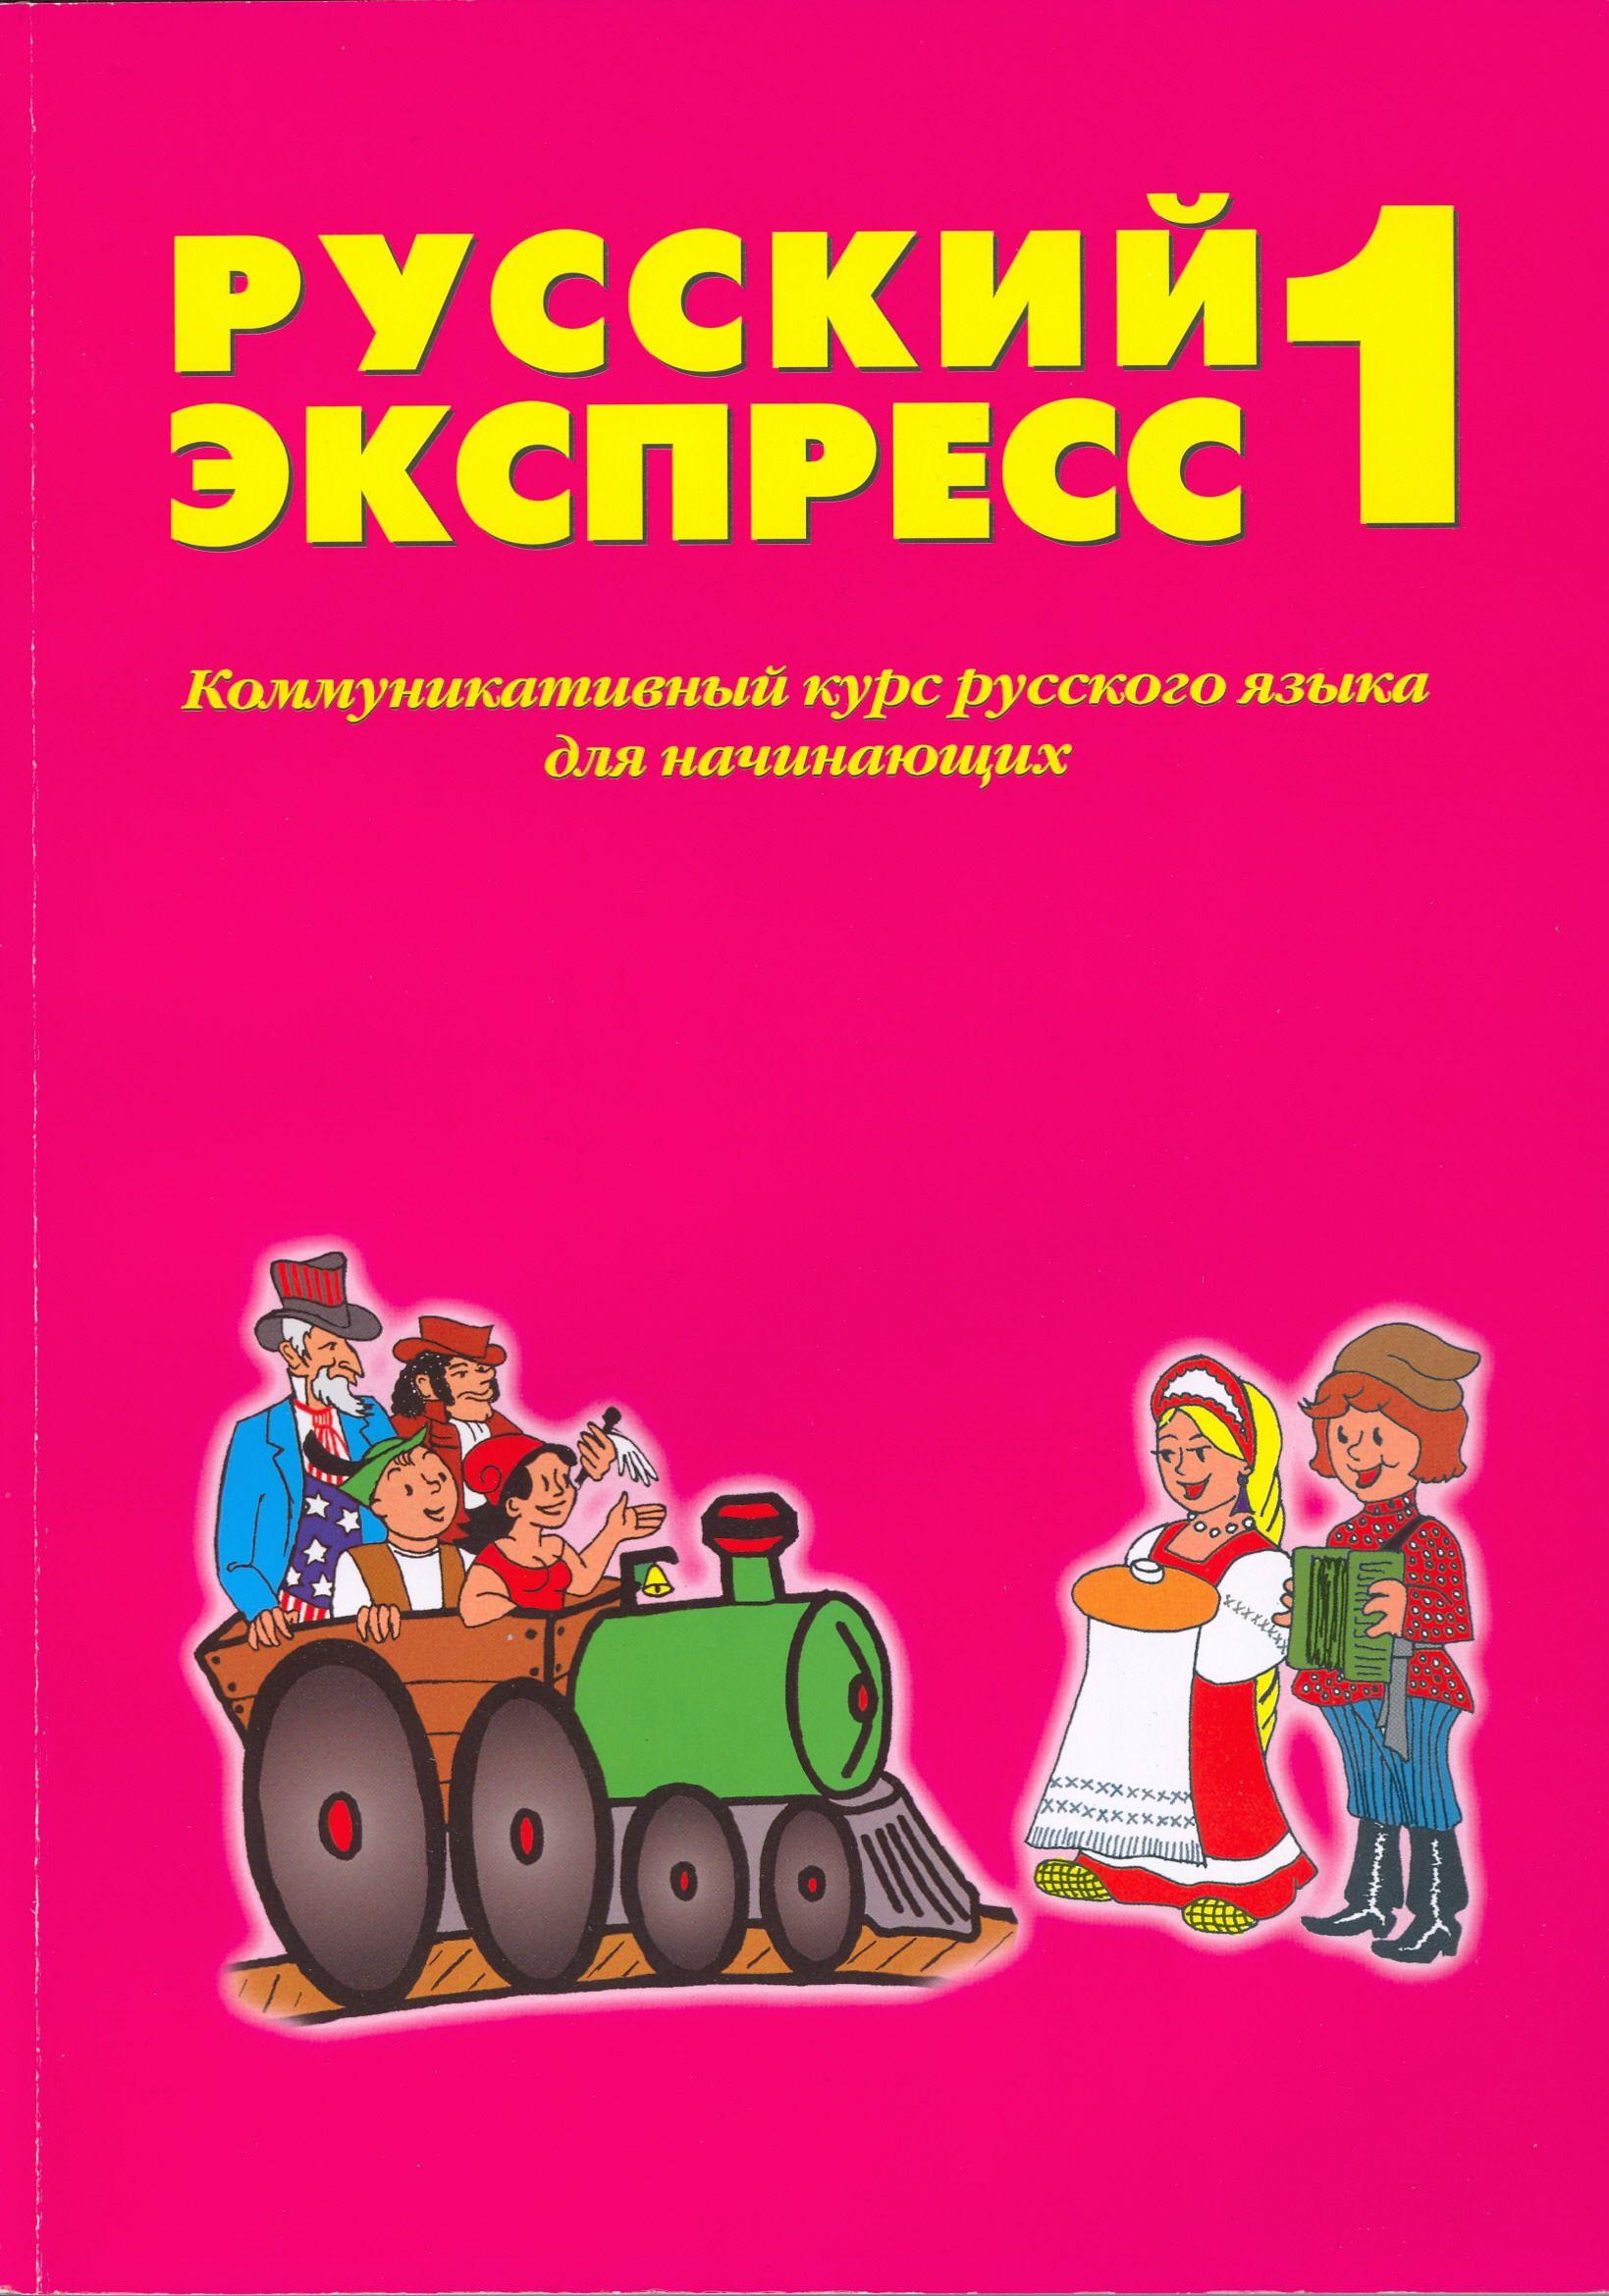 Курс русского языка для иностранцев Русский экспресс ...